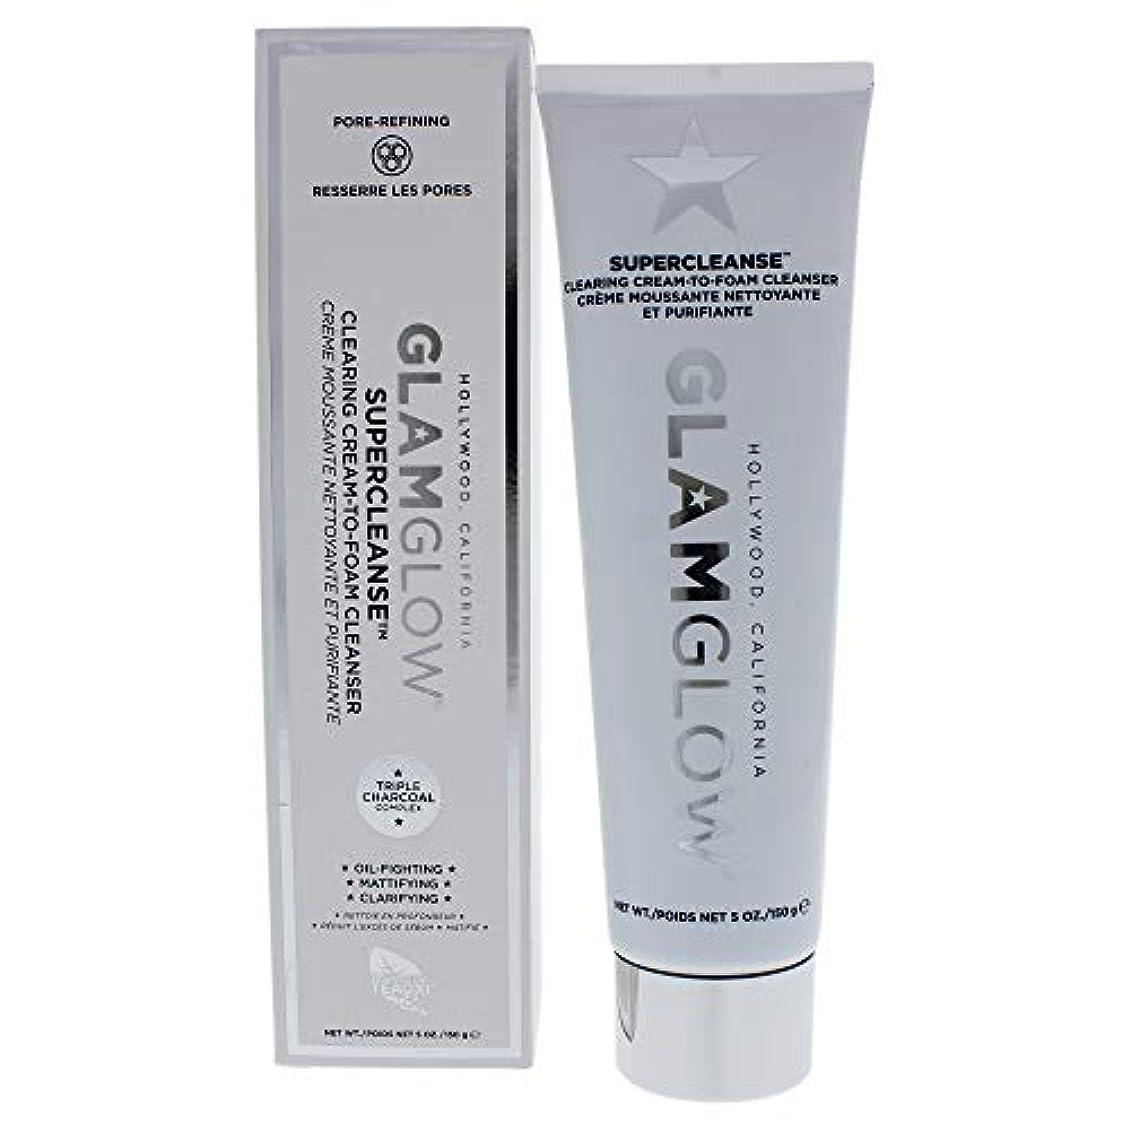 部屋を掃除する愚かな枝グラムグロー Supercleanse Clearing Cream-To-Foam Cleanser 150g/5oz並行輸入品